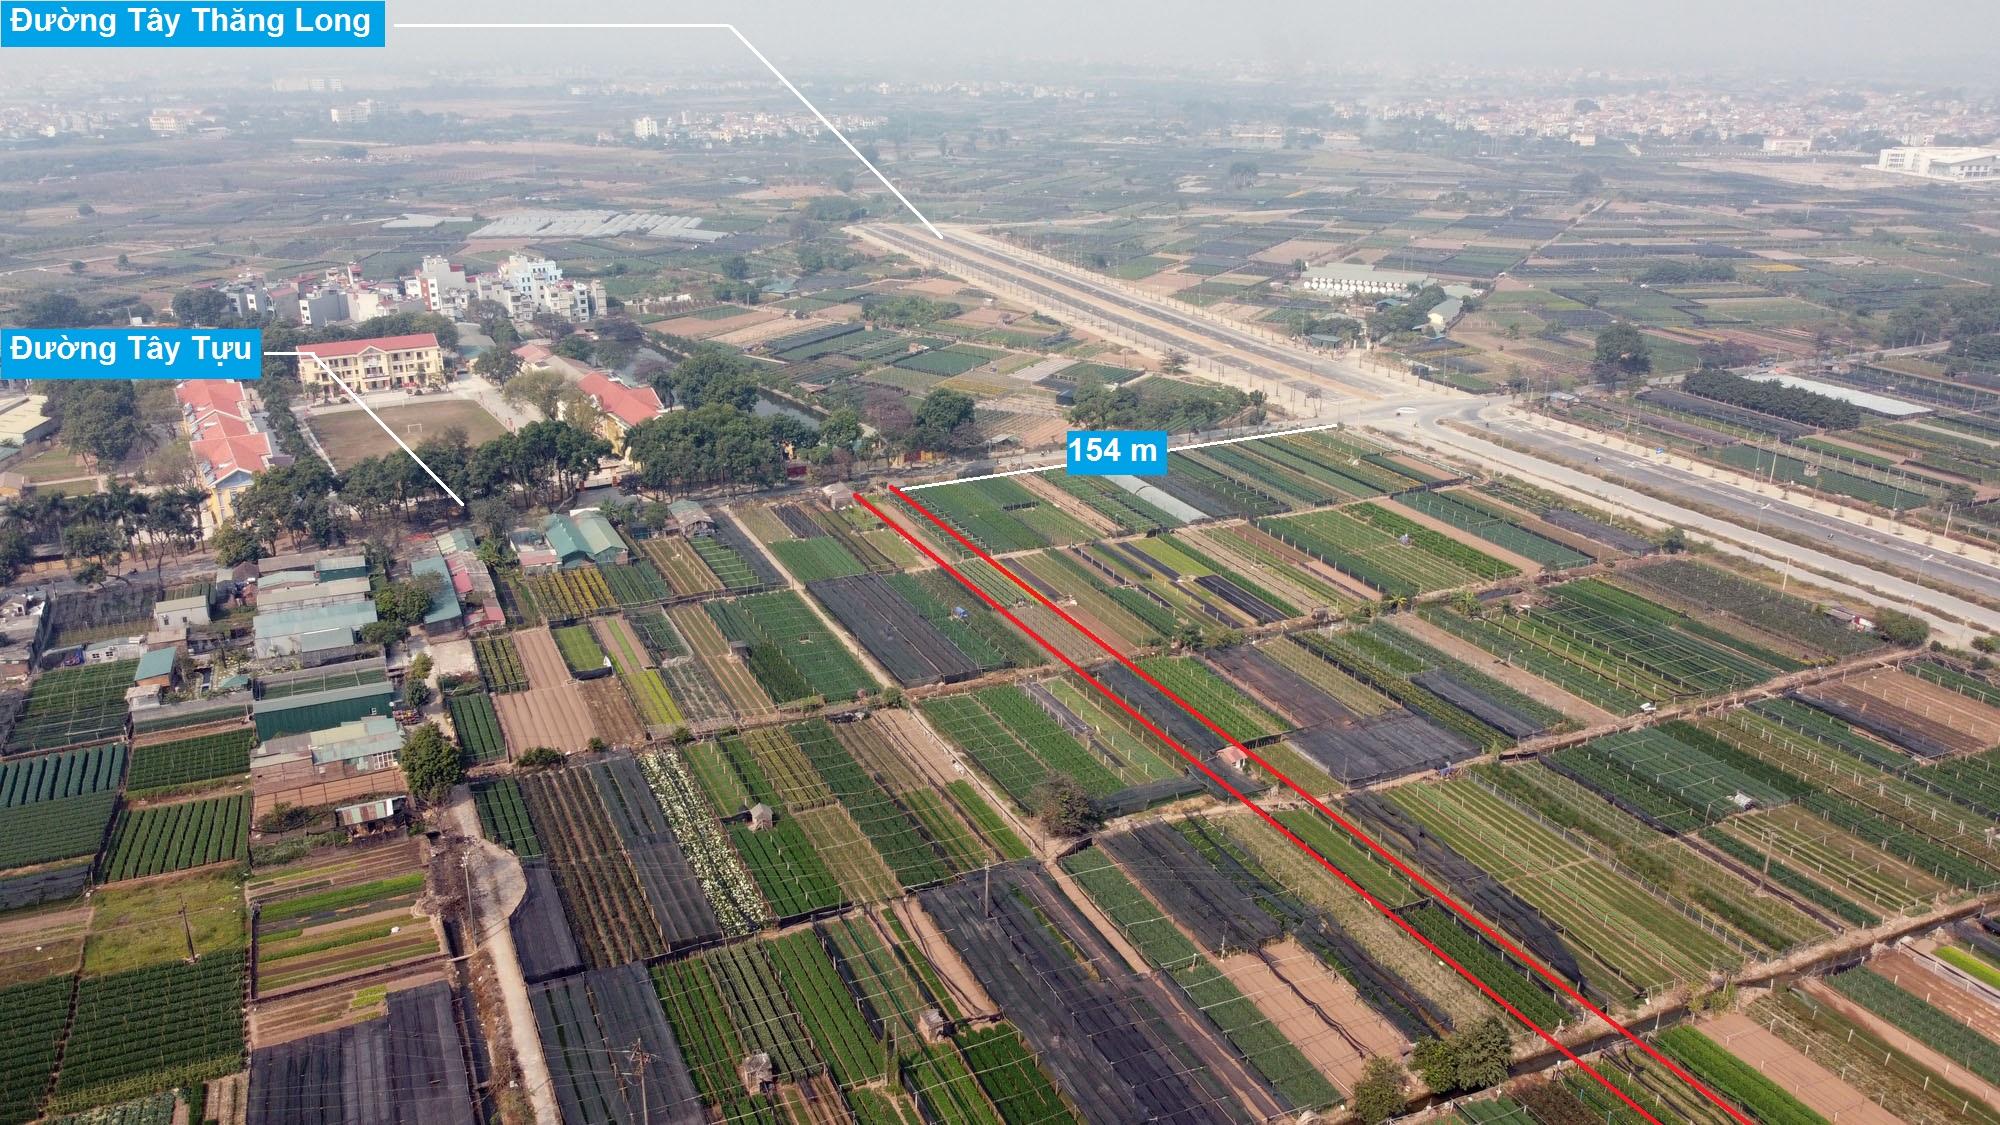 Ba đường sẽ mở theo qui hoạch ở phường Tây Tựu, Bắc Từ Liêm (phần 2) - Ảnh 15.